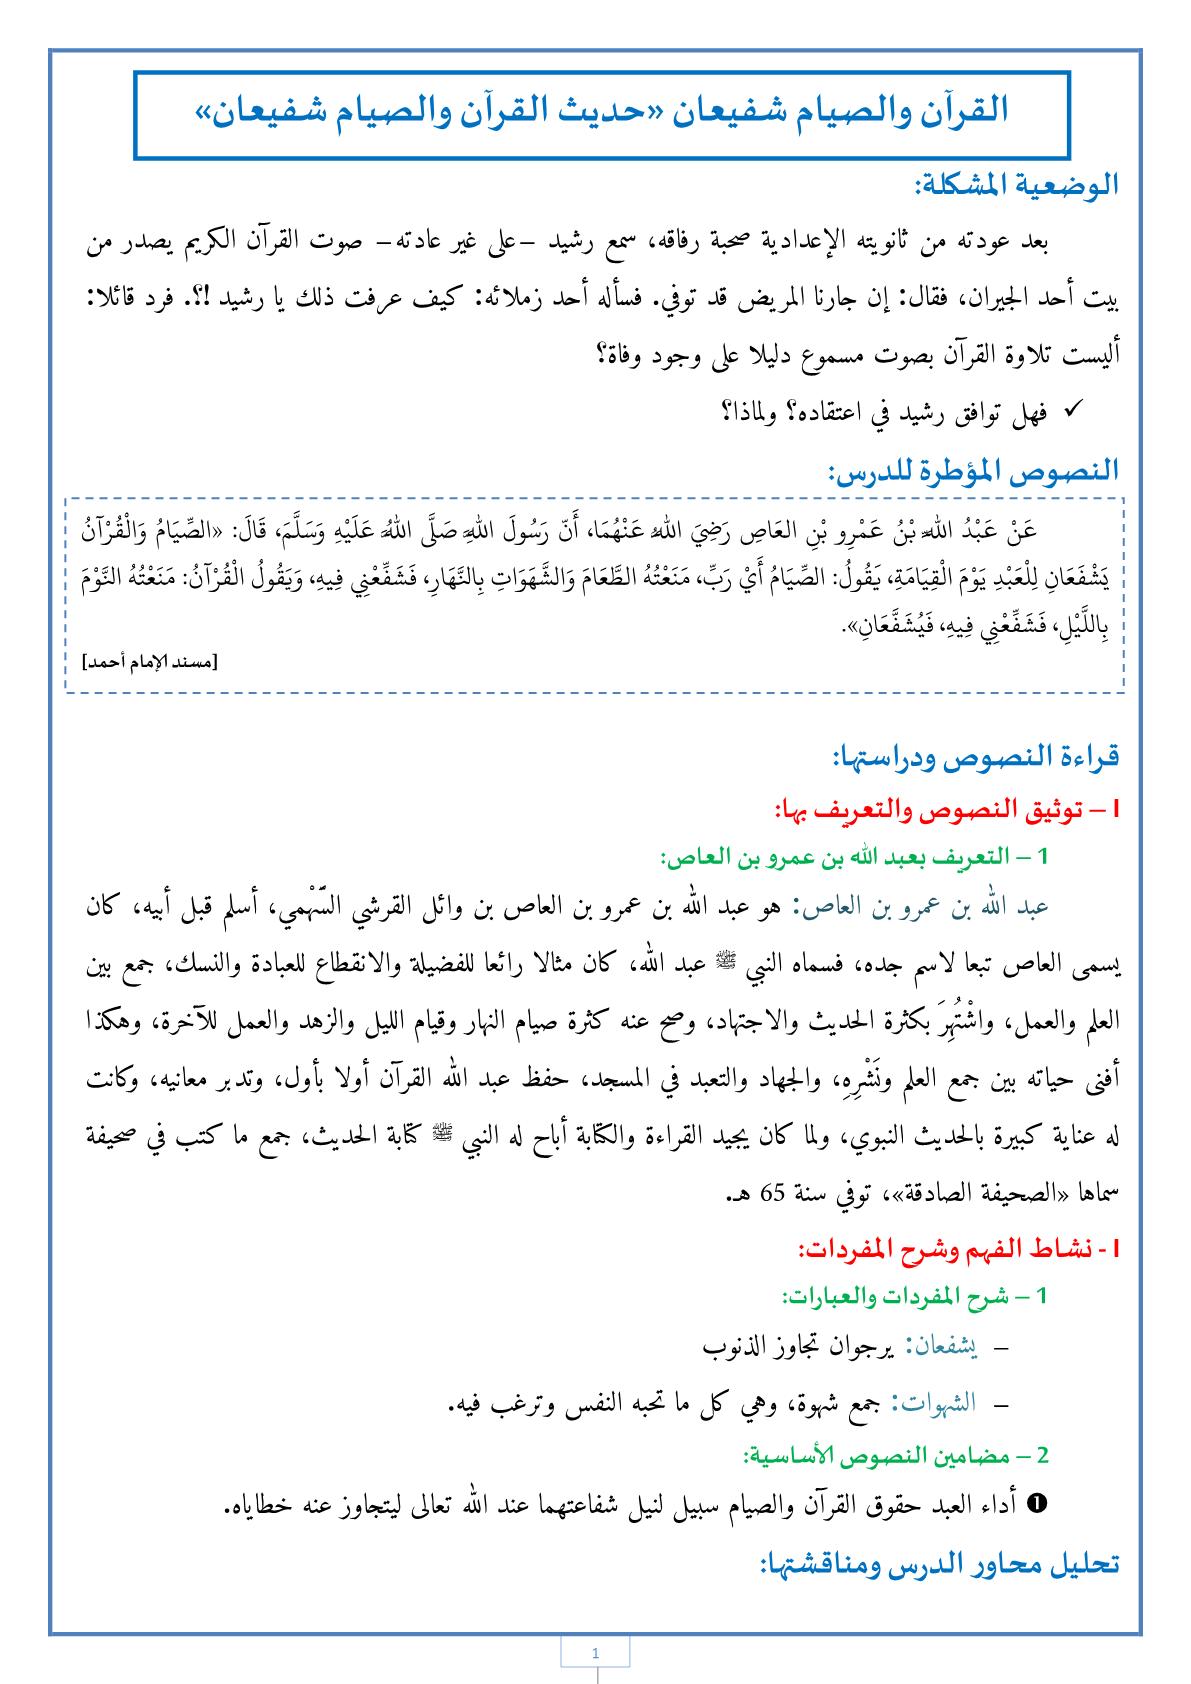 درس القران والصيام: حديث القرآن و الصيام يشفعان للسنة الثانية إعدادي